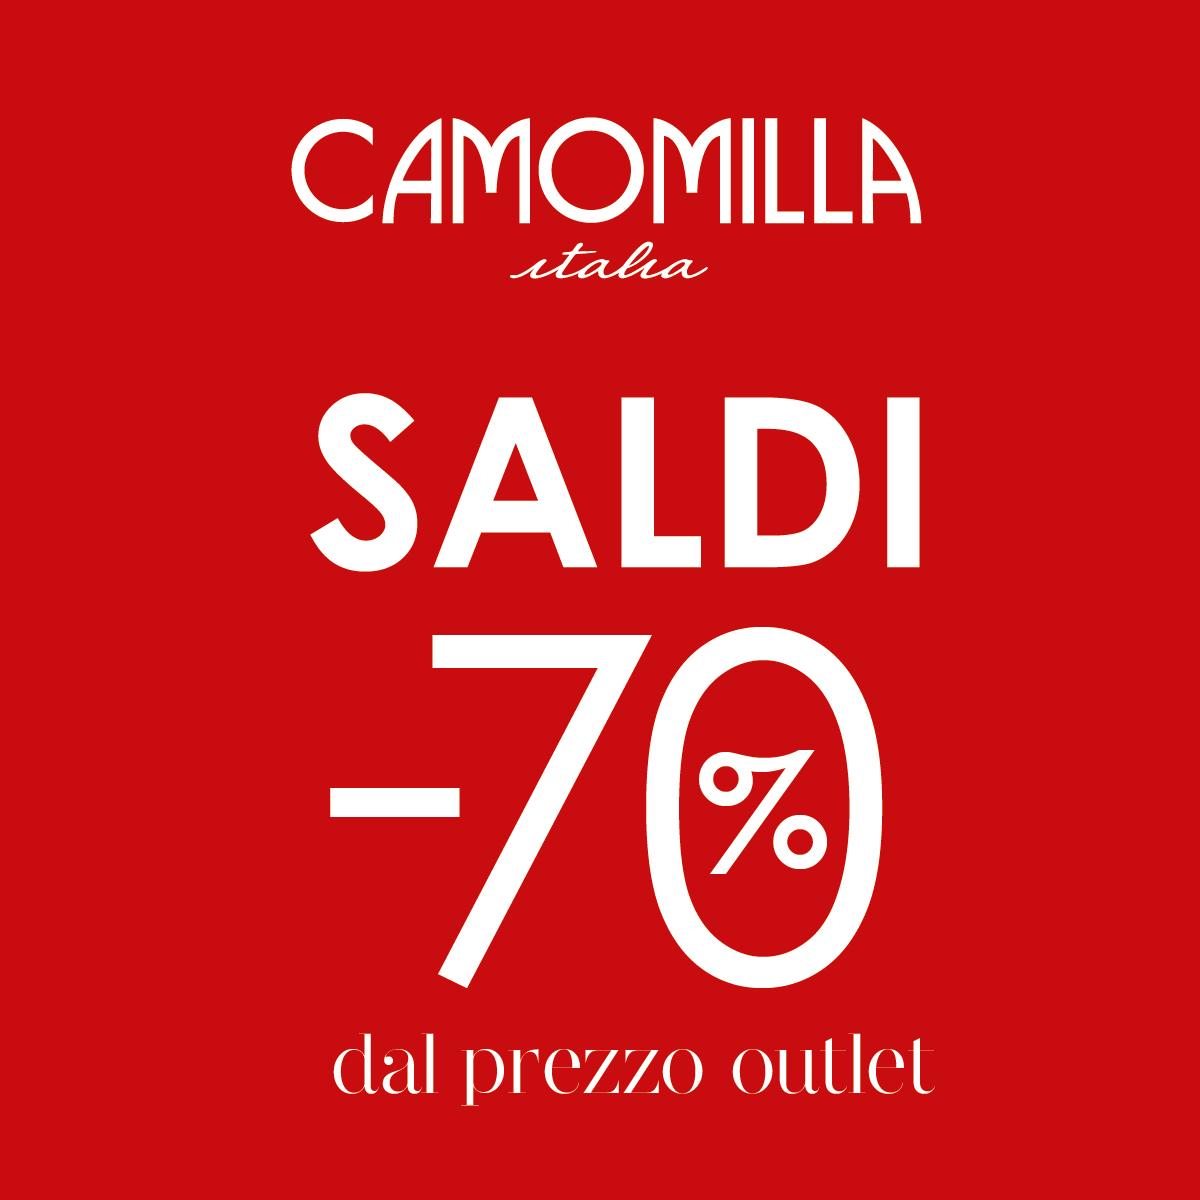 Camomilla italia